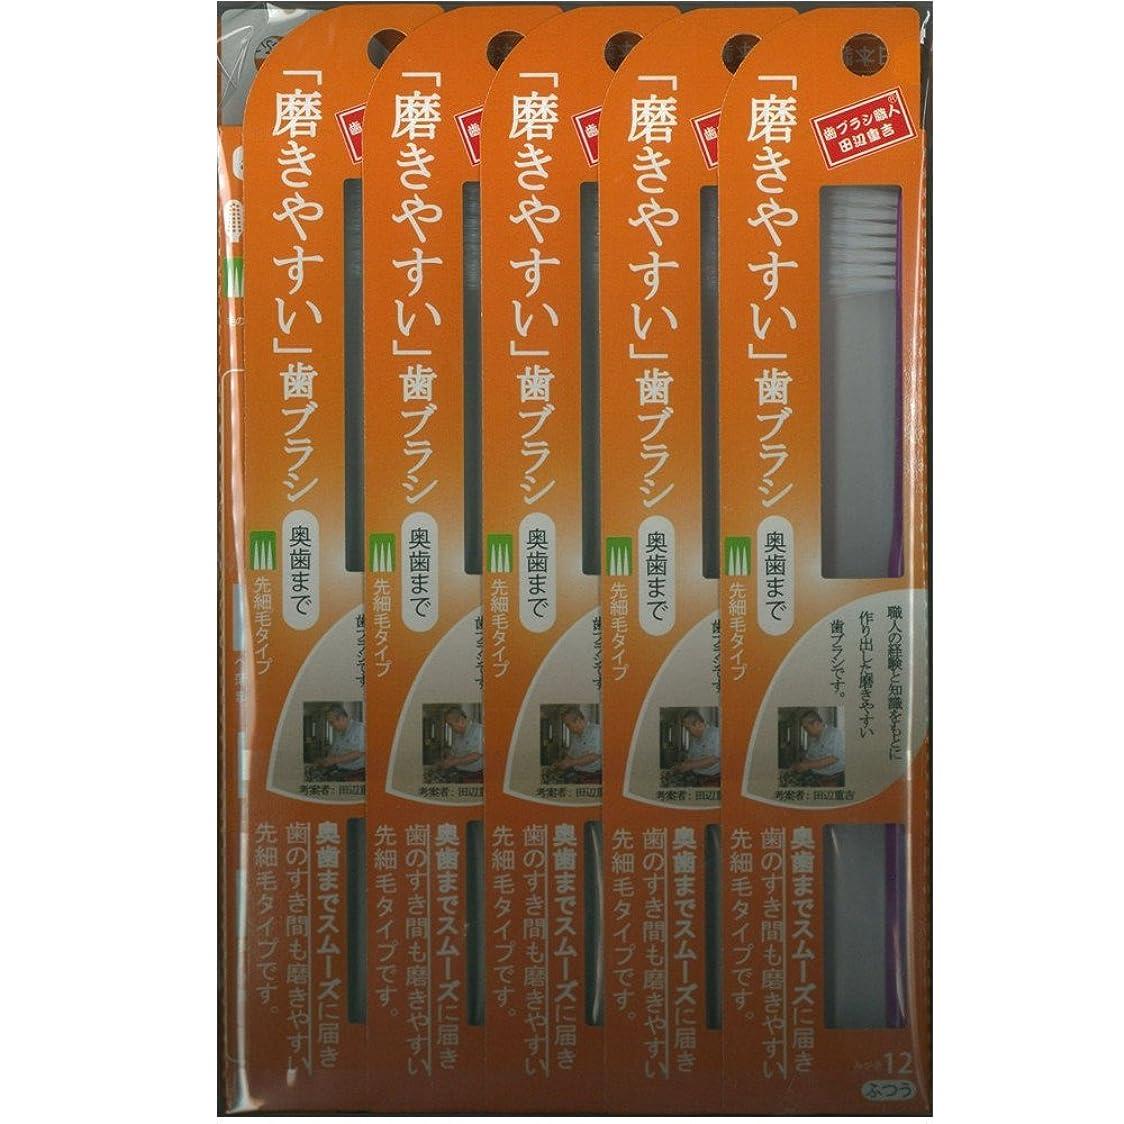 連鎖団結する夜磨きやすい歯ブラシ(奥歯まで)先細 LT-12×12本セット( ピンク×4本、ブルー×4本、グリーン×2本、パープル×2本)